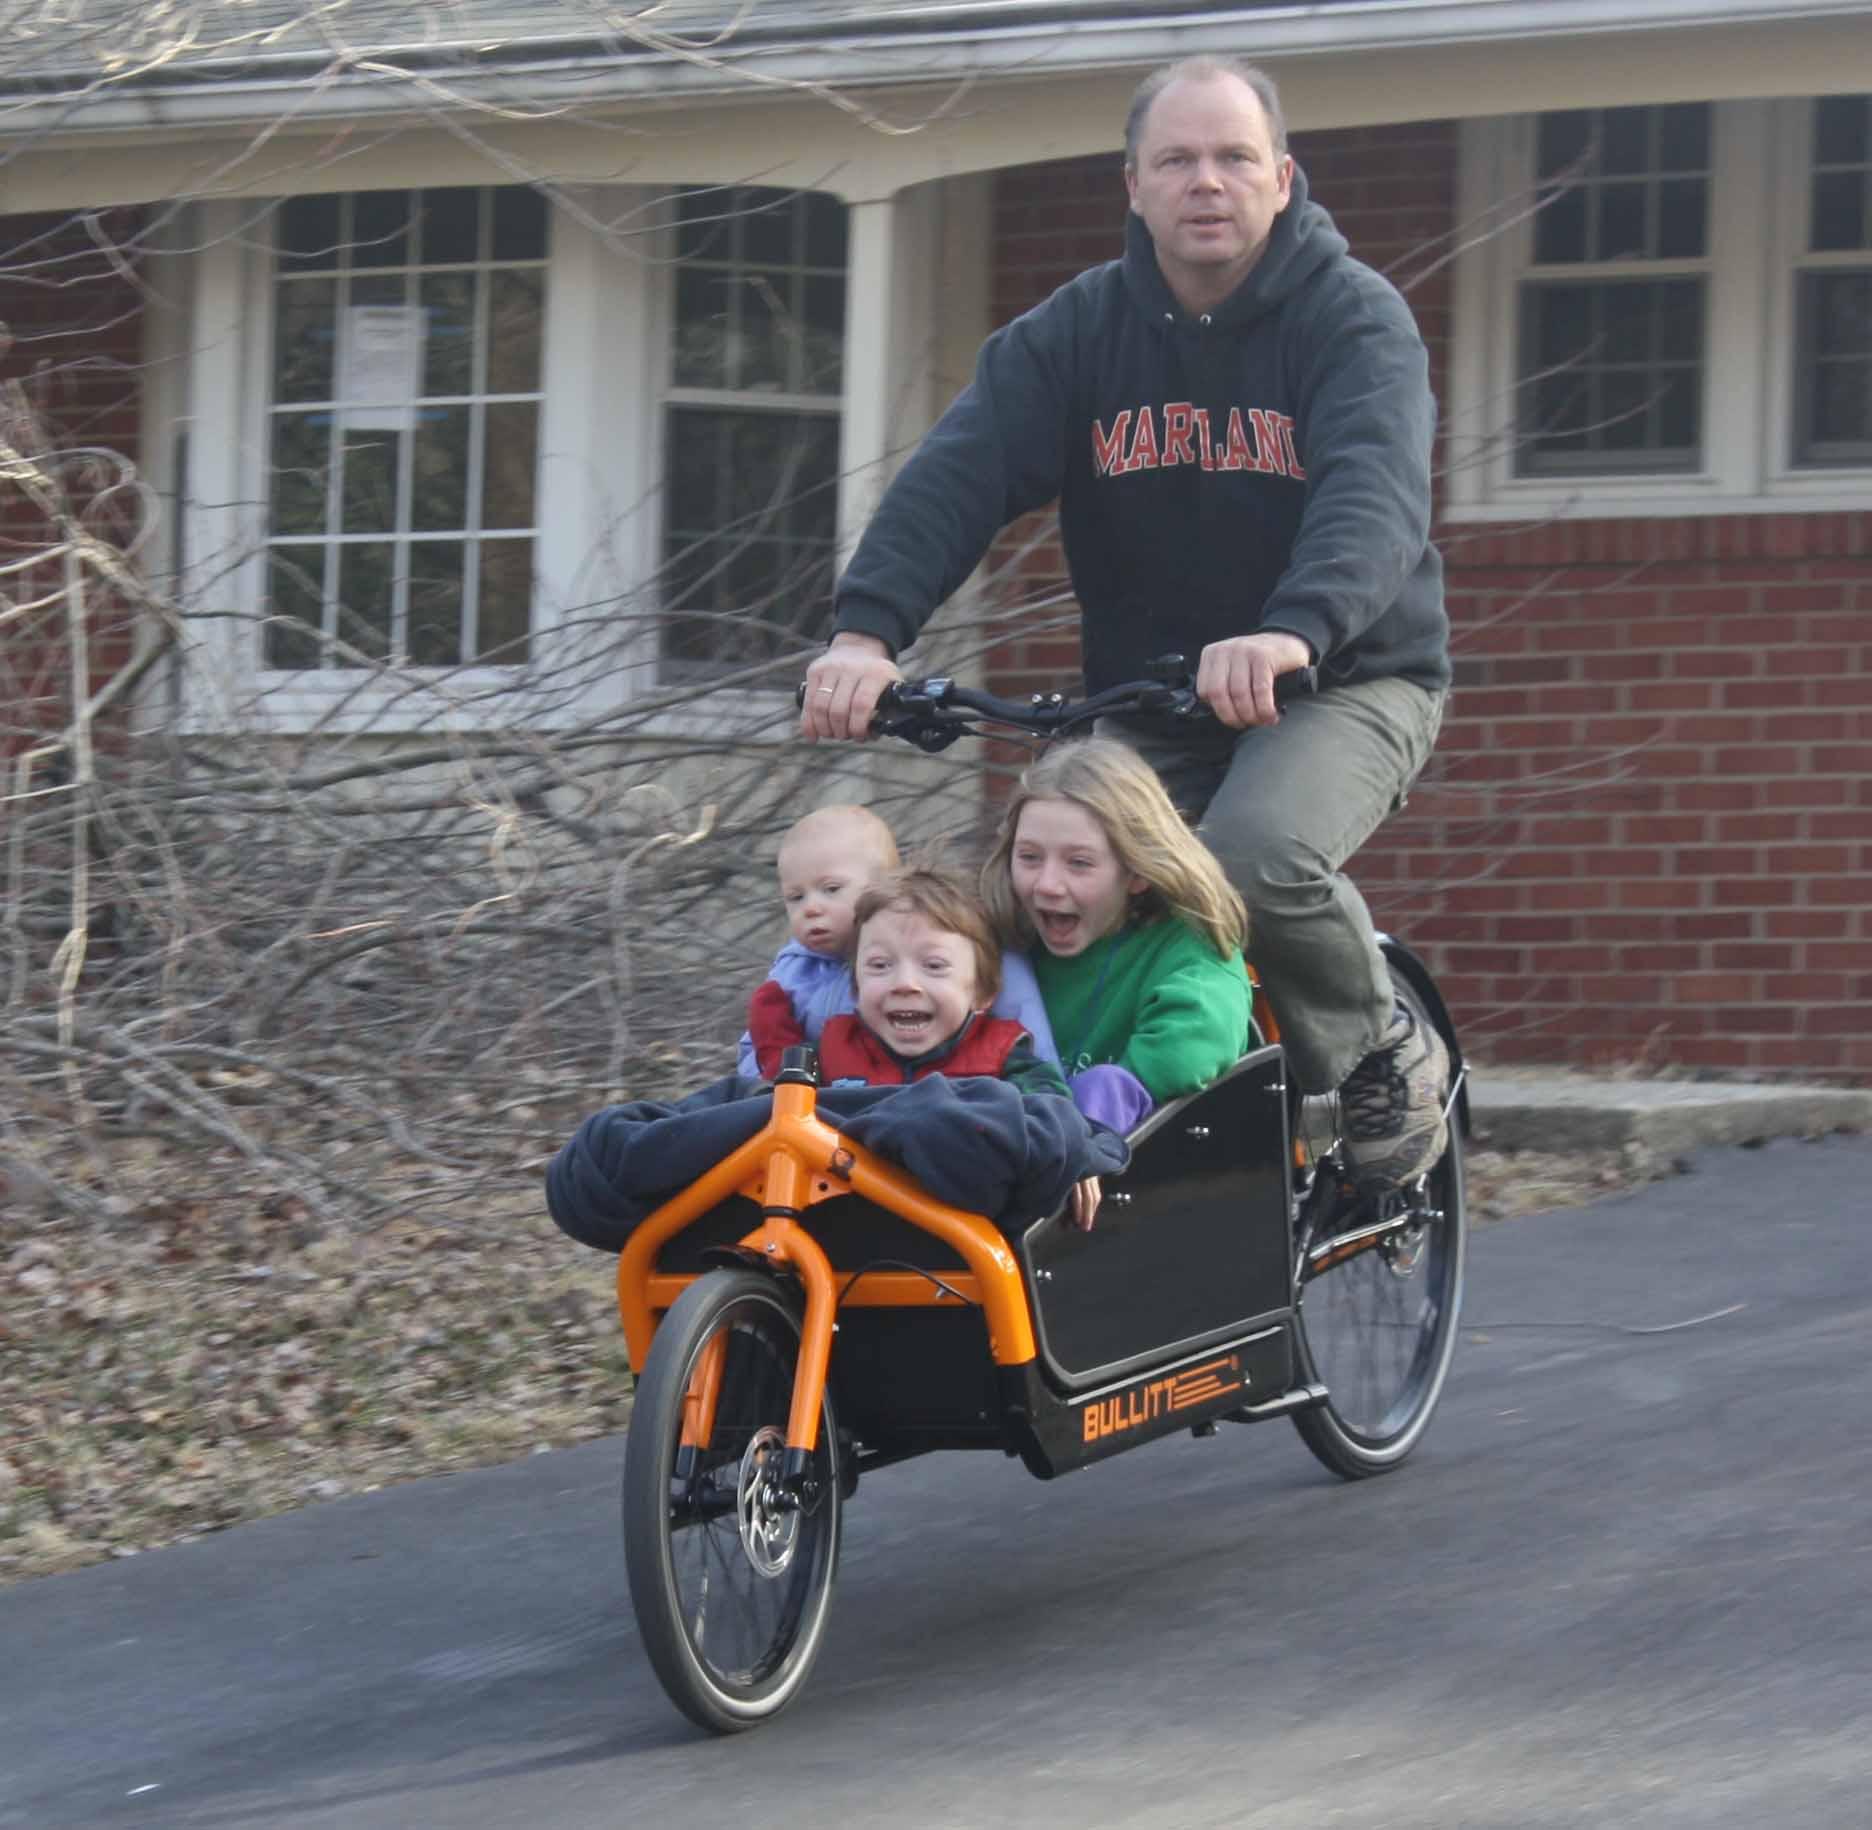 Carros de bici para llevar a los niños al cole - Página 2